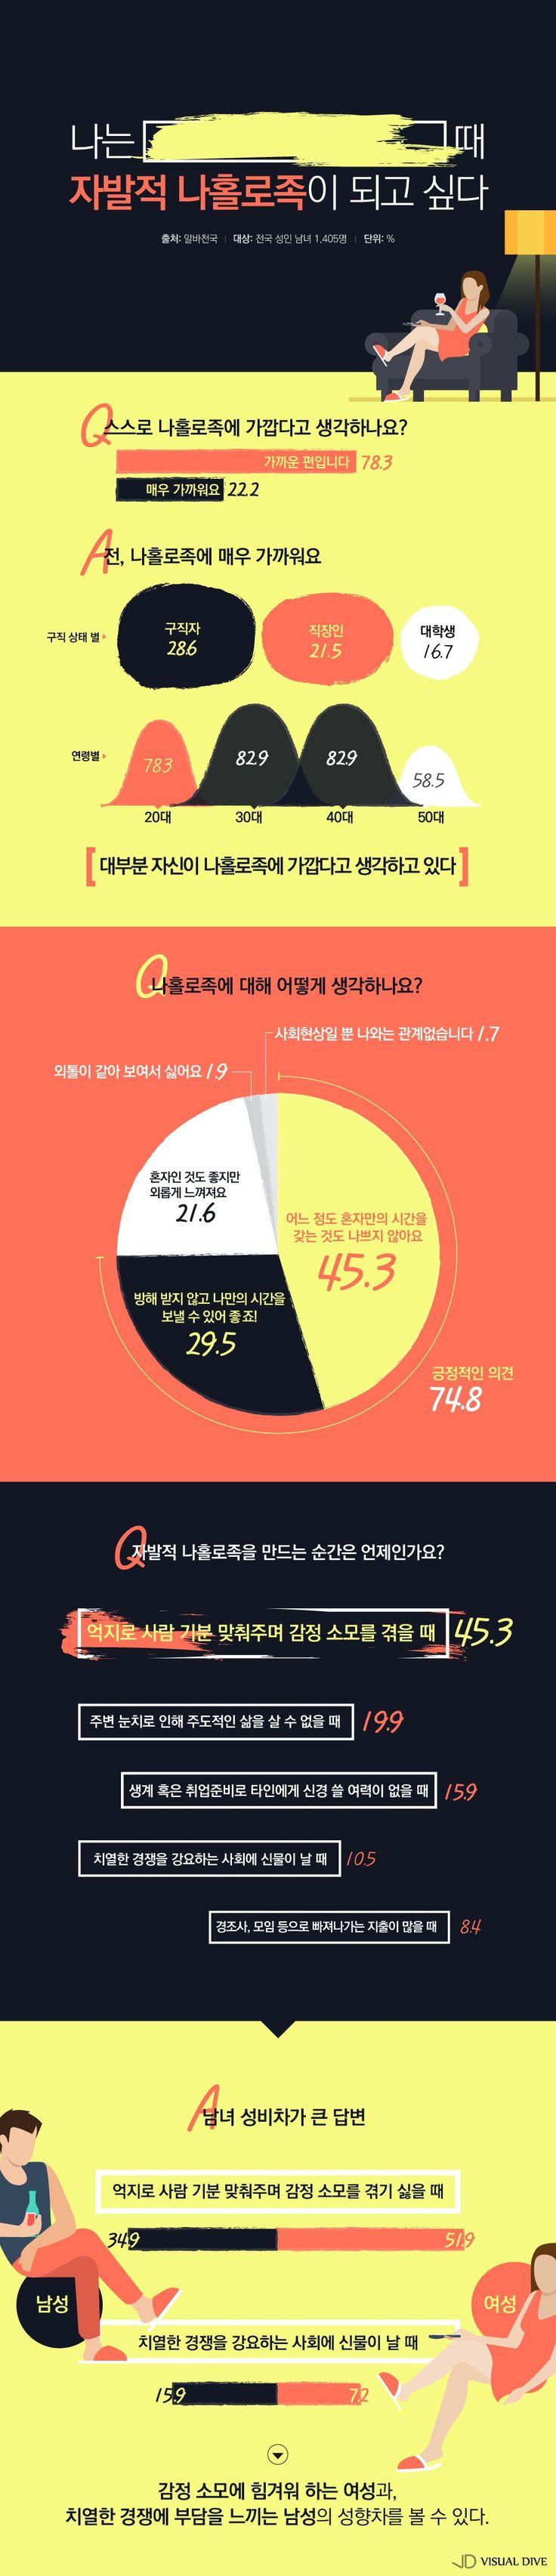 """성인 78.3%, """"자발적 '나홀로족'에 가깝다""""…이유는? [인포그래픽] #alone / #Infographic ⓒ 비주얼다이브 무단 복사·전재·재배포 금지"""